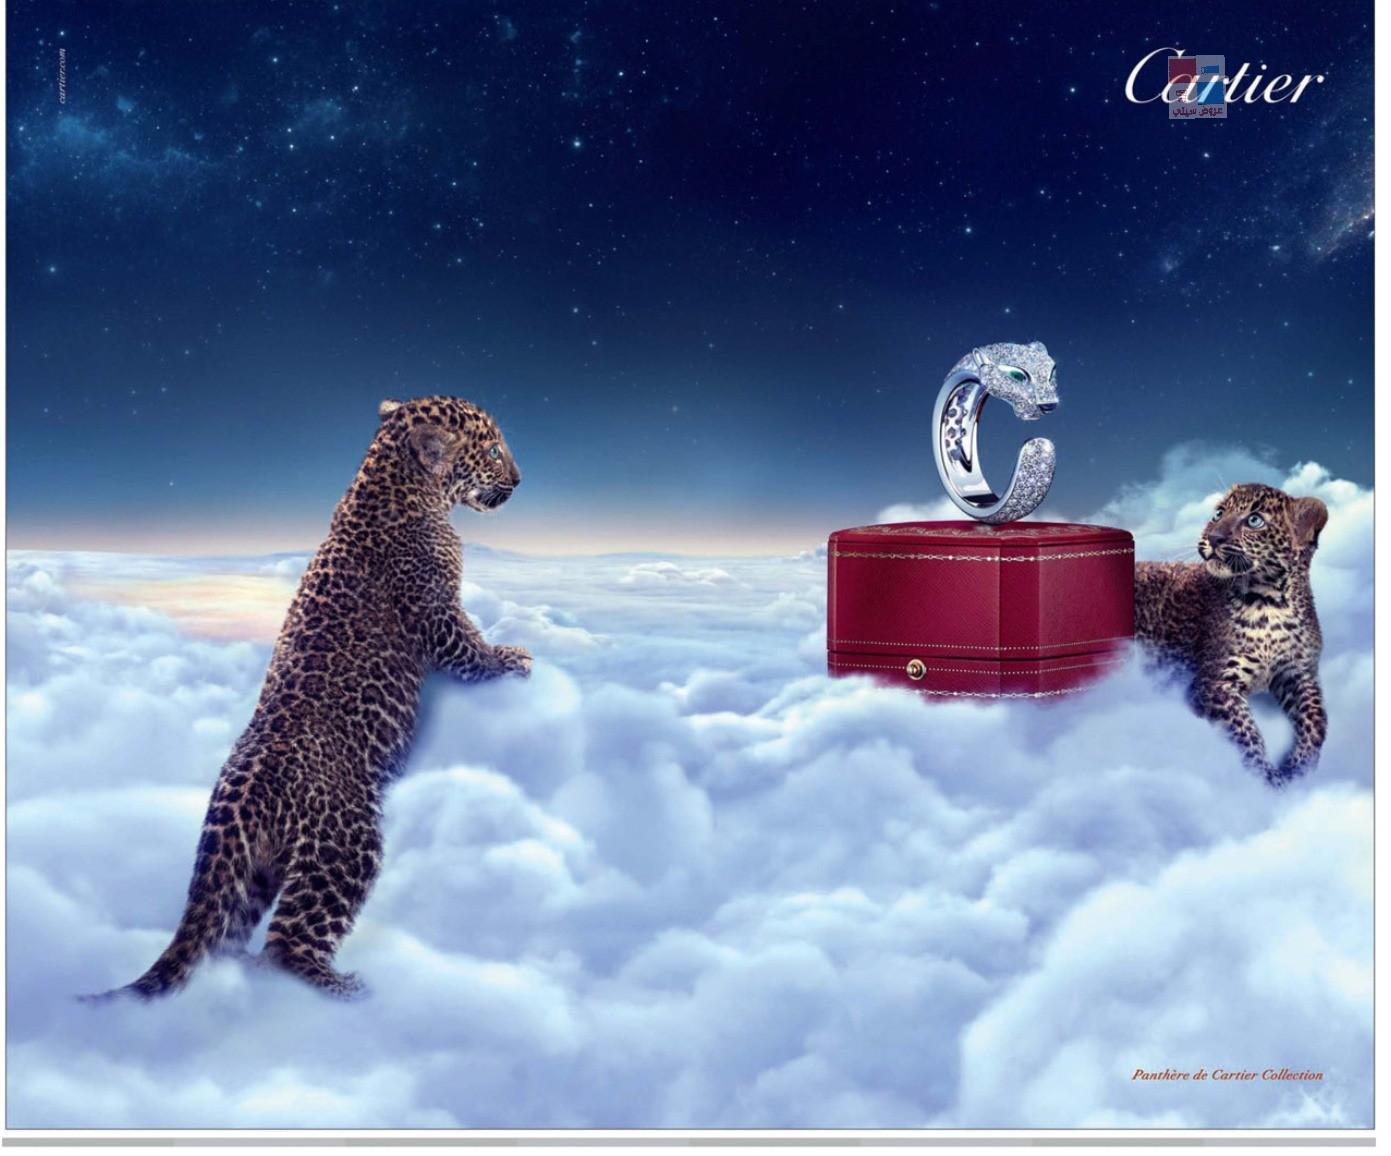 مجوهرات كارتير Cartier uB9KoK.jpg